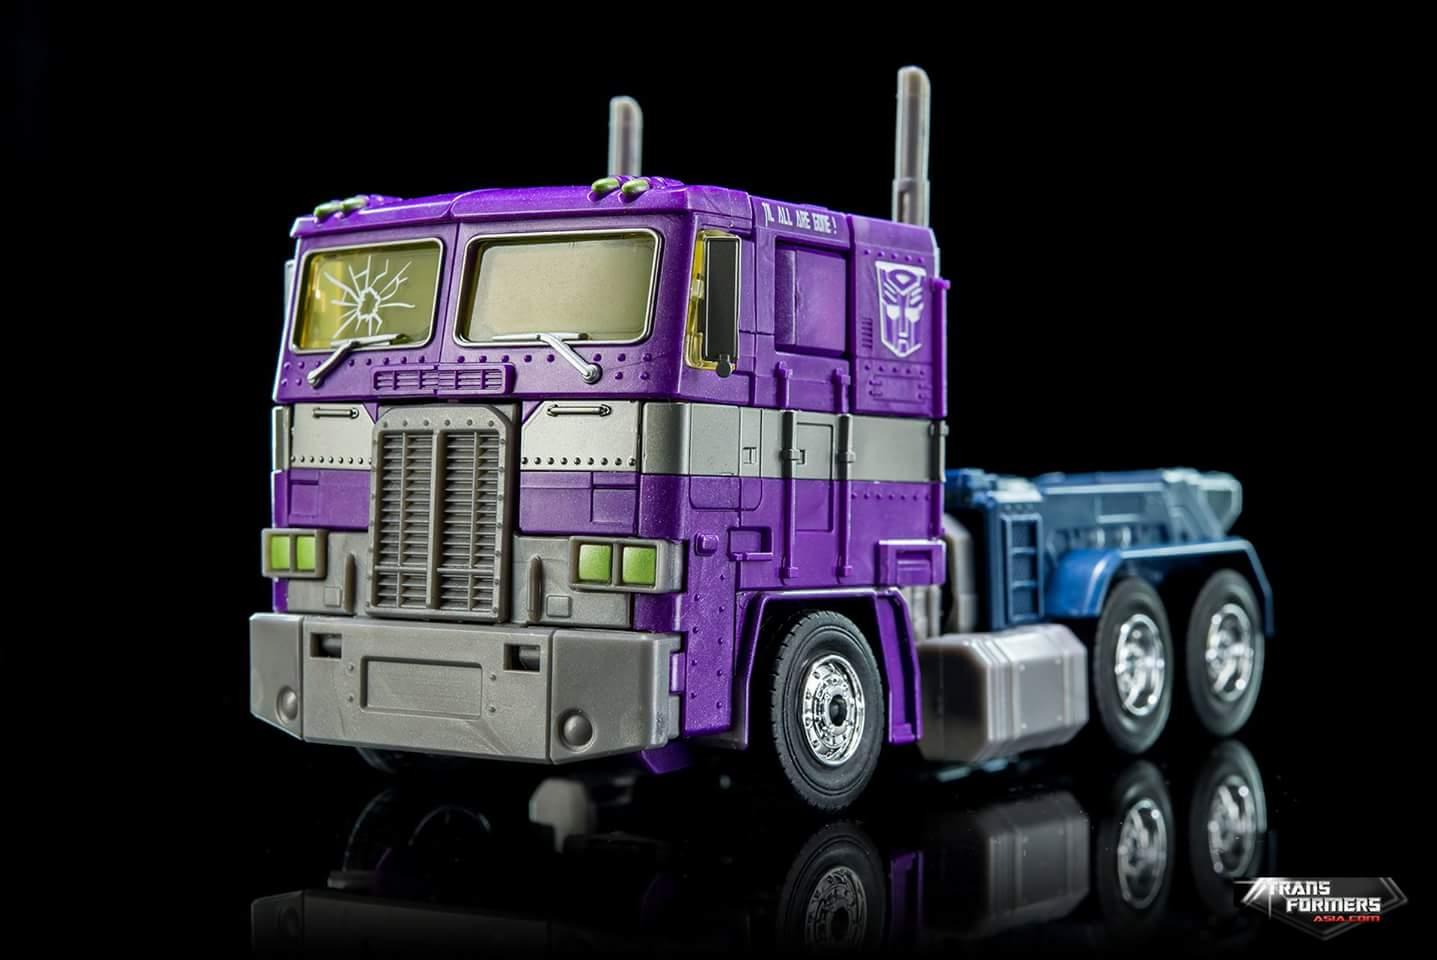 [Masterpiece] MP-10B | MP-10A | MP-10R | MP-10SG | MP-10K | MP-711 | MP-10G | MP-10 ASL ― Convoy (Optimus Prime/Optimus Primus) - Page 4 Y6TBgh6P